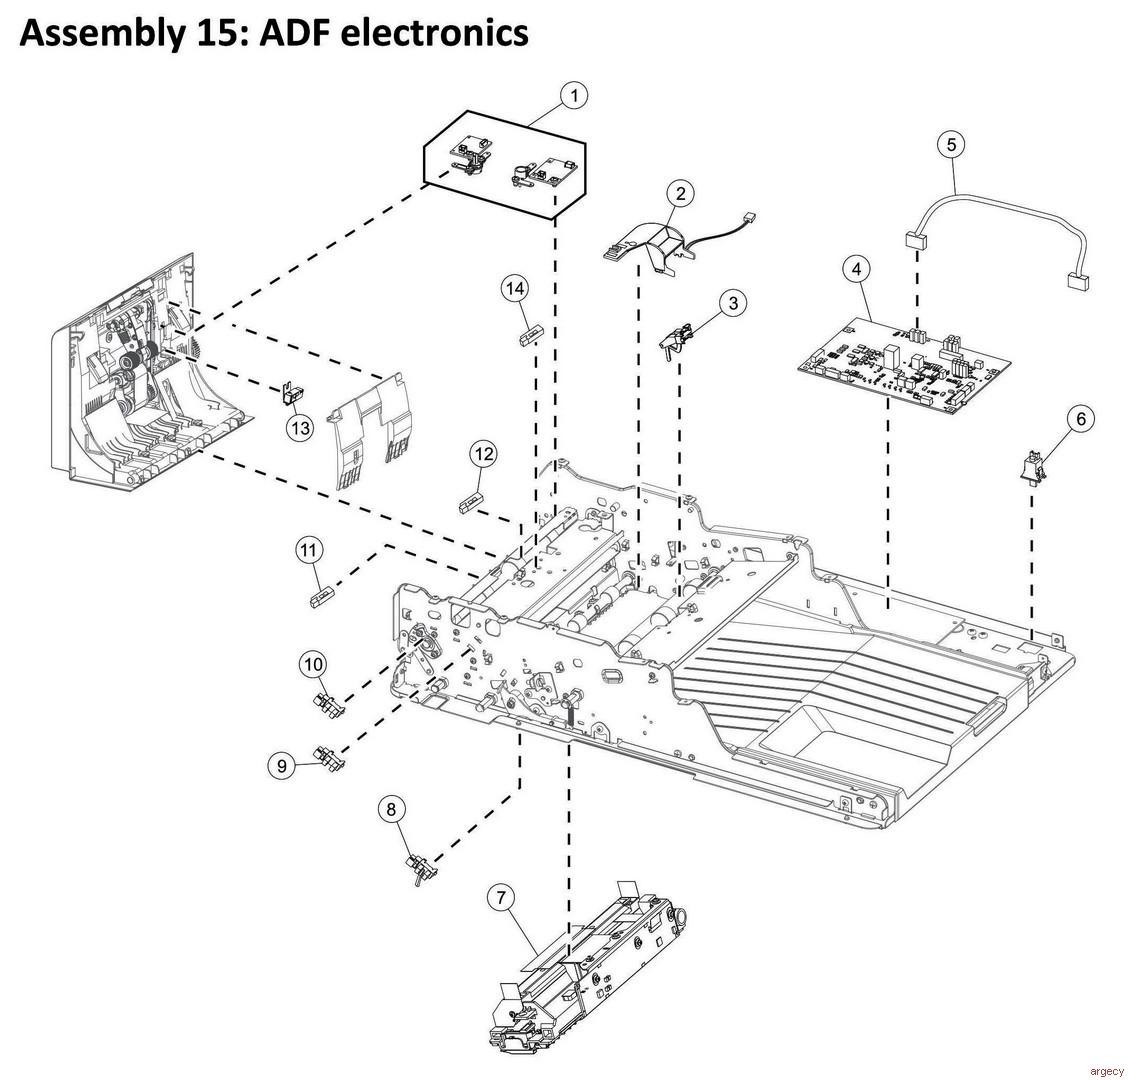 https://www.argecy.com/images/MX81x_MX71x-Parts-711_cr.jpg